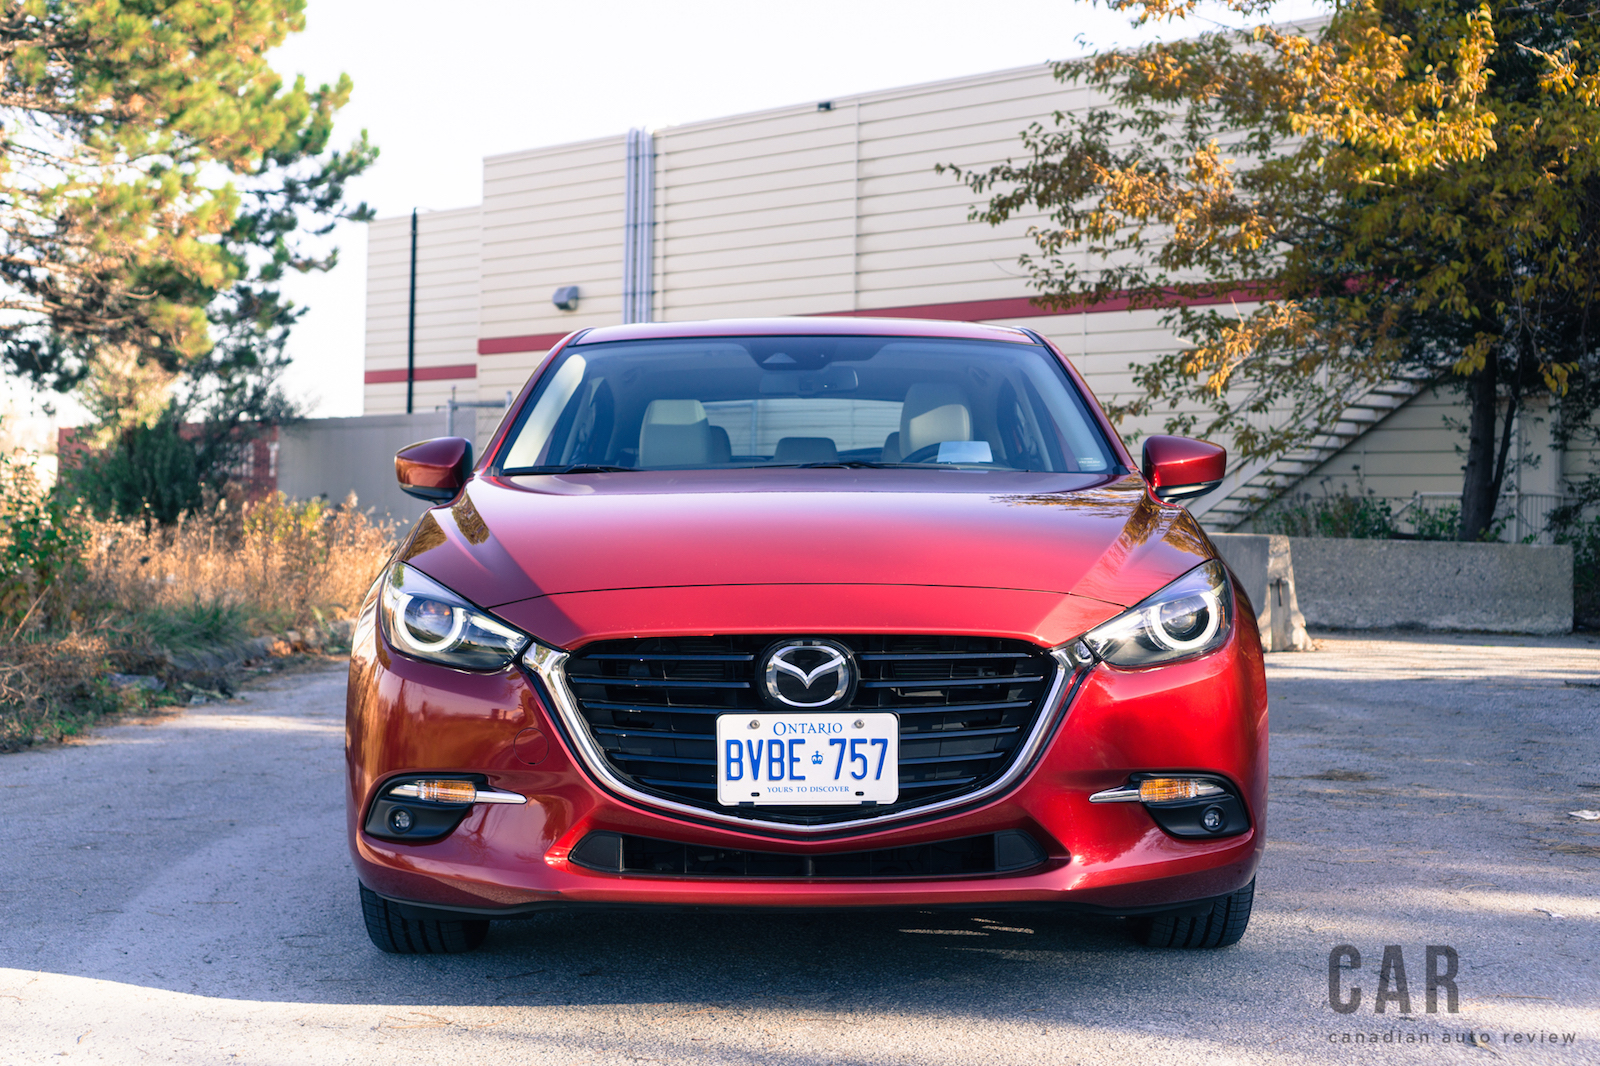 Kelebihan Kekurangan Mazda 3 2017 Spesifikasi